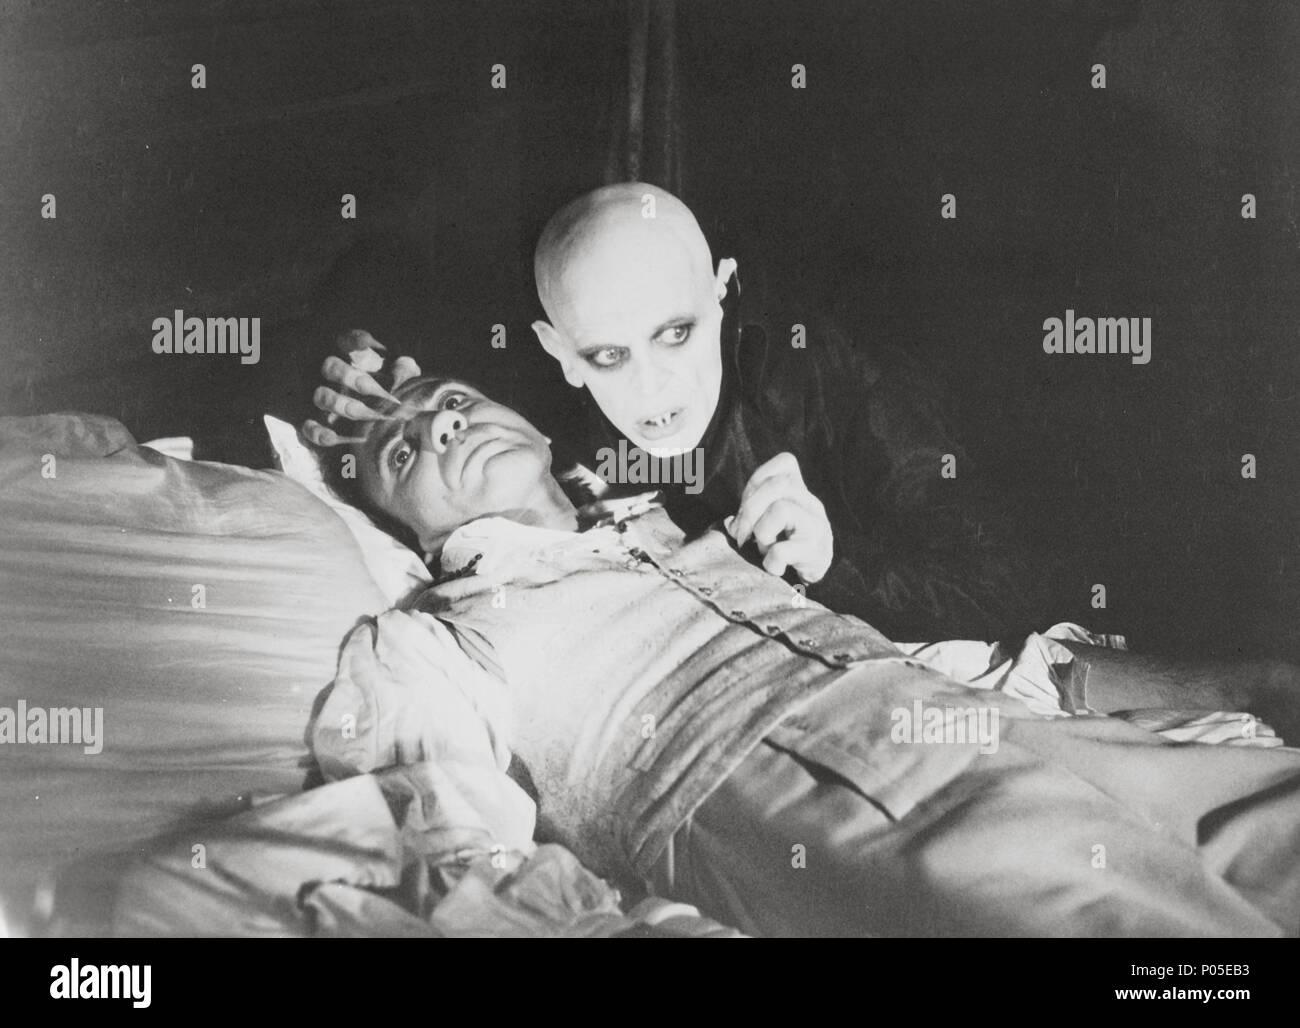 Original Film Title: NOSFERATU: PHANTOM DER NACHT.  English Title: NOSFERATU THE VAMPYRE.  Film Director: WERNER HERZOG.  Year: 1979.  Stars: KLAUS KINSKI; BRUNO GANZ. Credit: WERNER HERZOG FILMPRODUKTION / Album Stock Photo